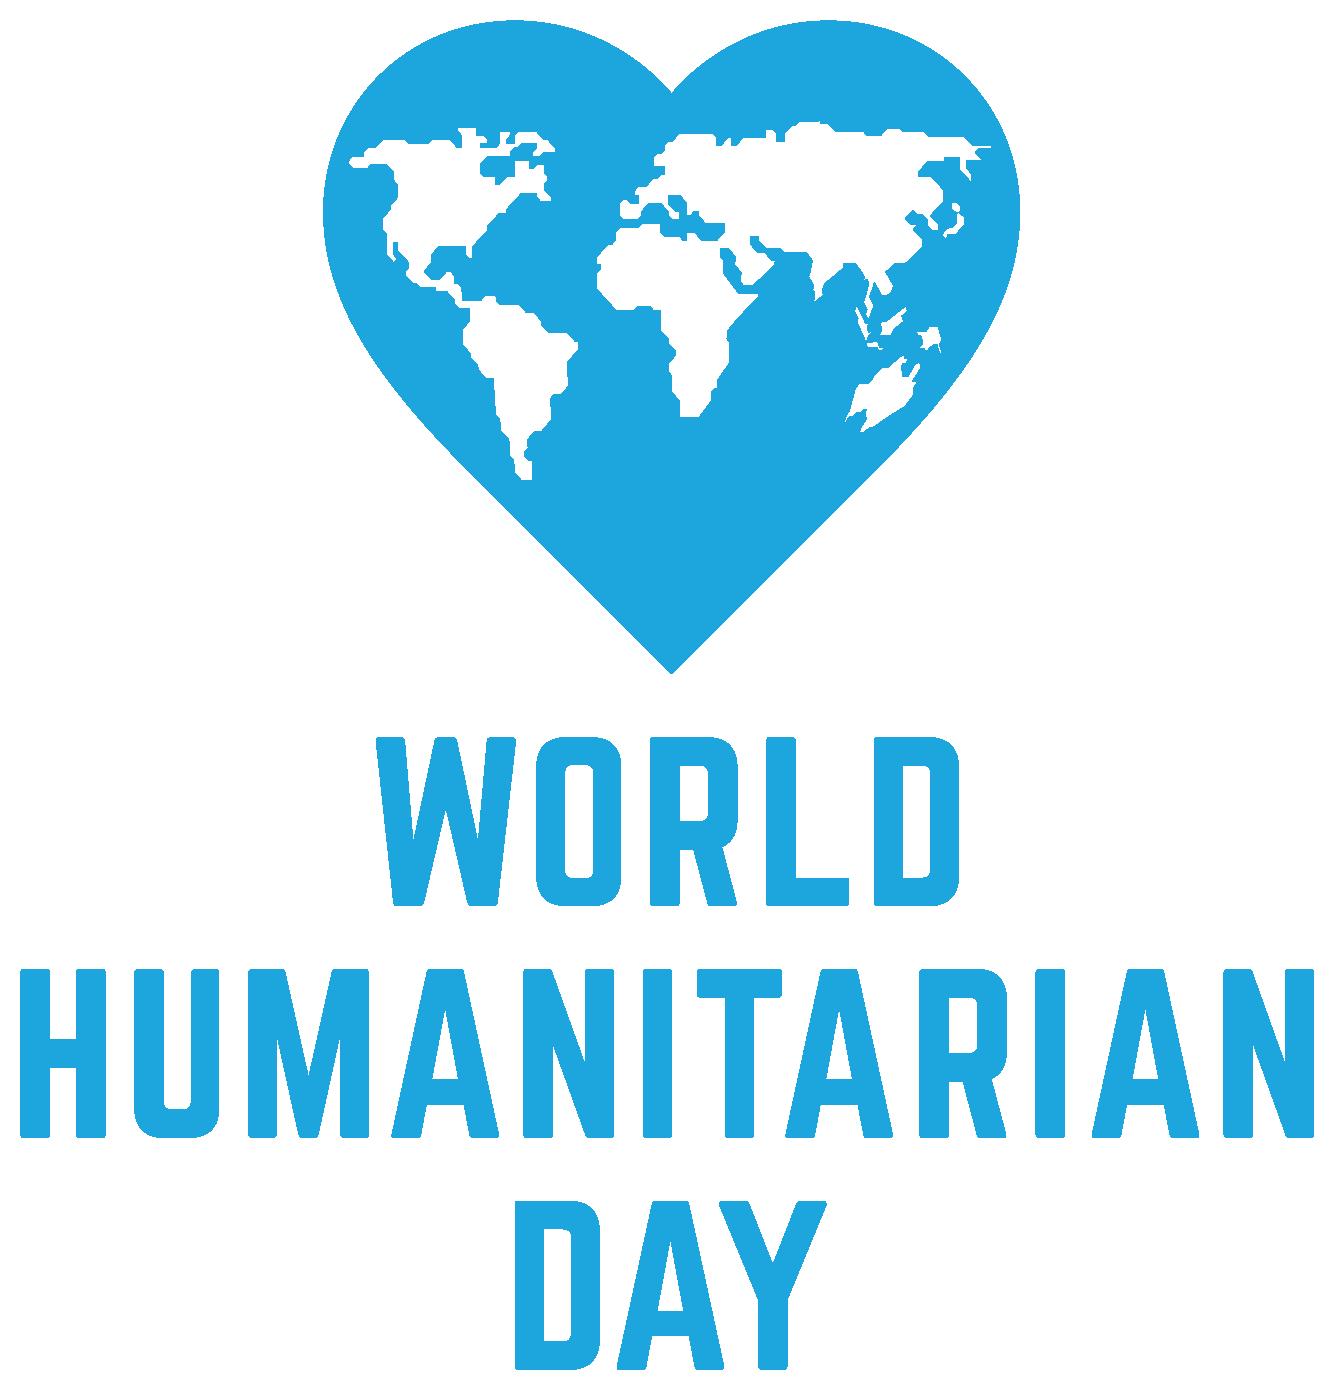 विश्व मानवीय दिवस